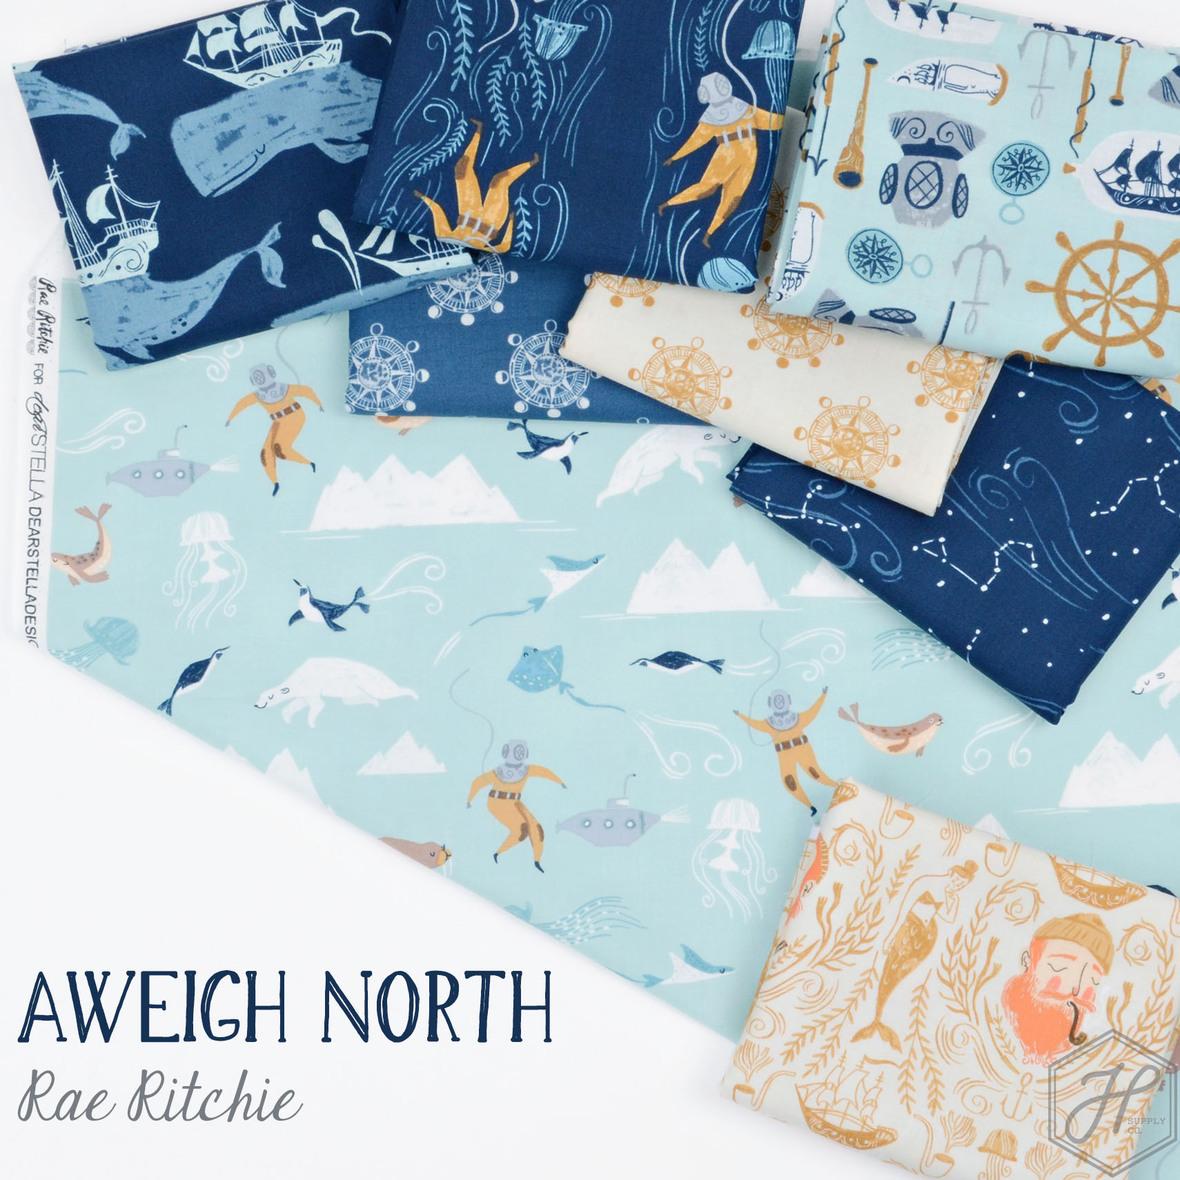 Aweigh North- may be  7.50